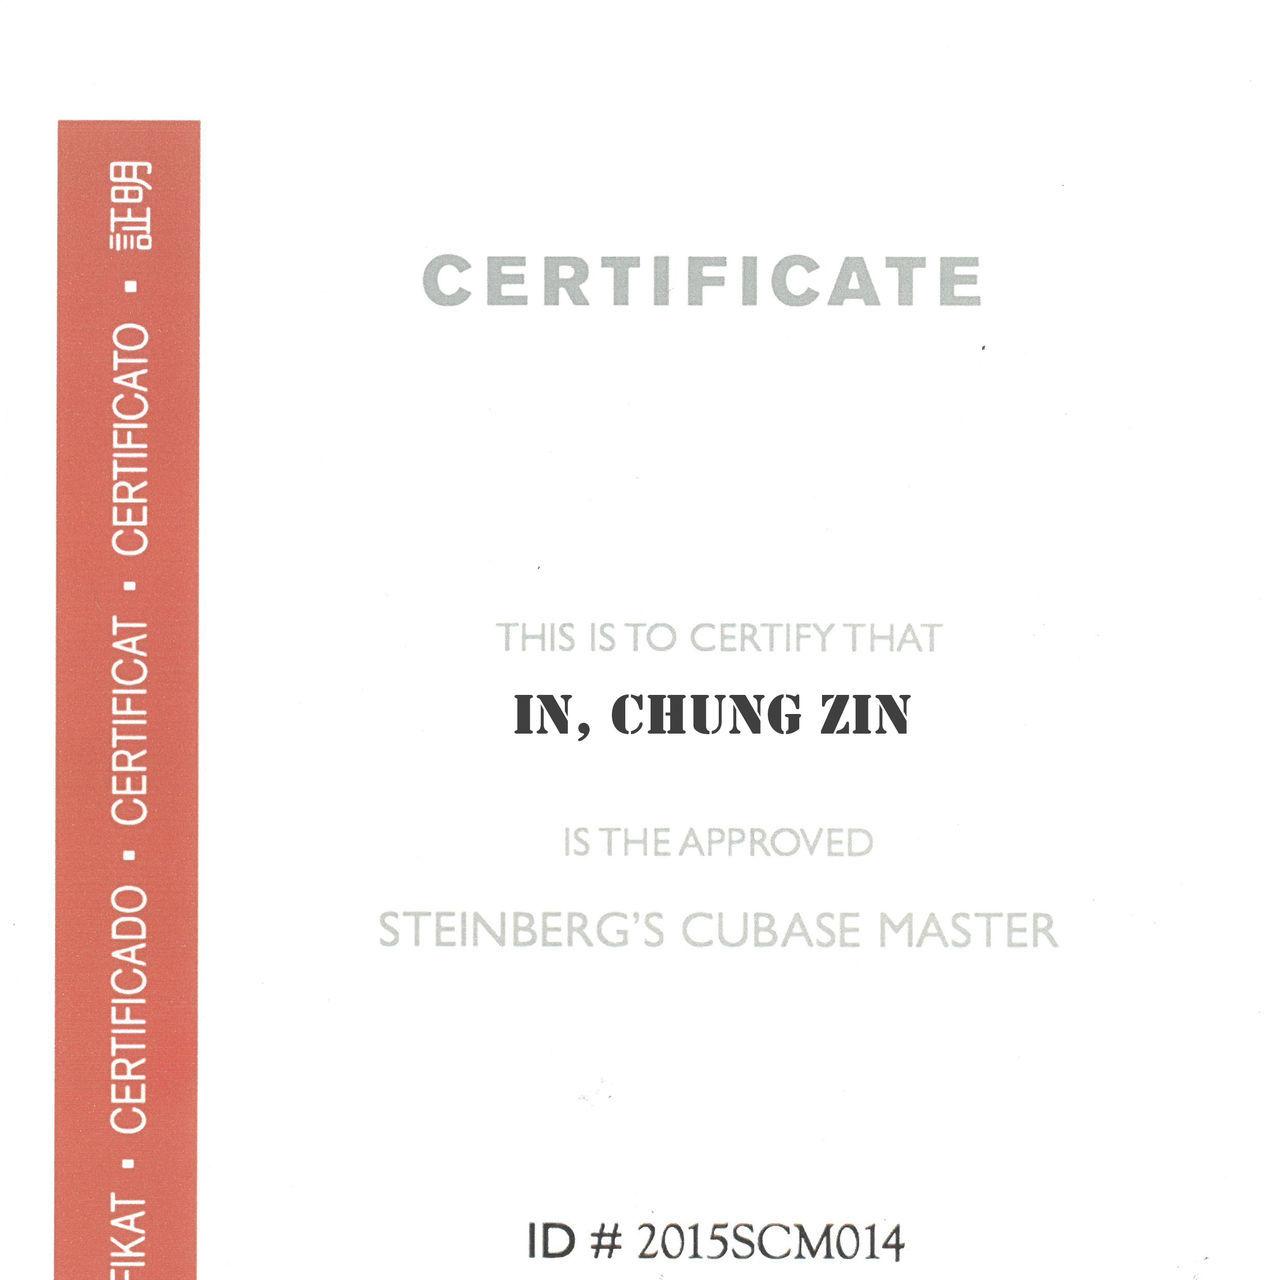 스테인버그사와 한국음향예술인 협회 공식인증 큐베이스 마스터로 정식 큐베이스 교육자격입니다.